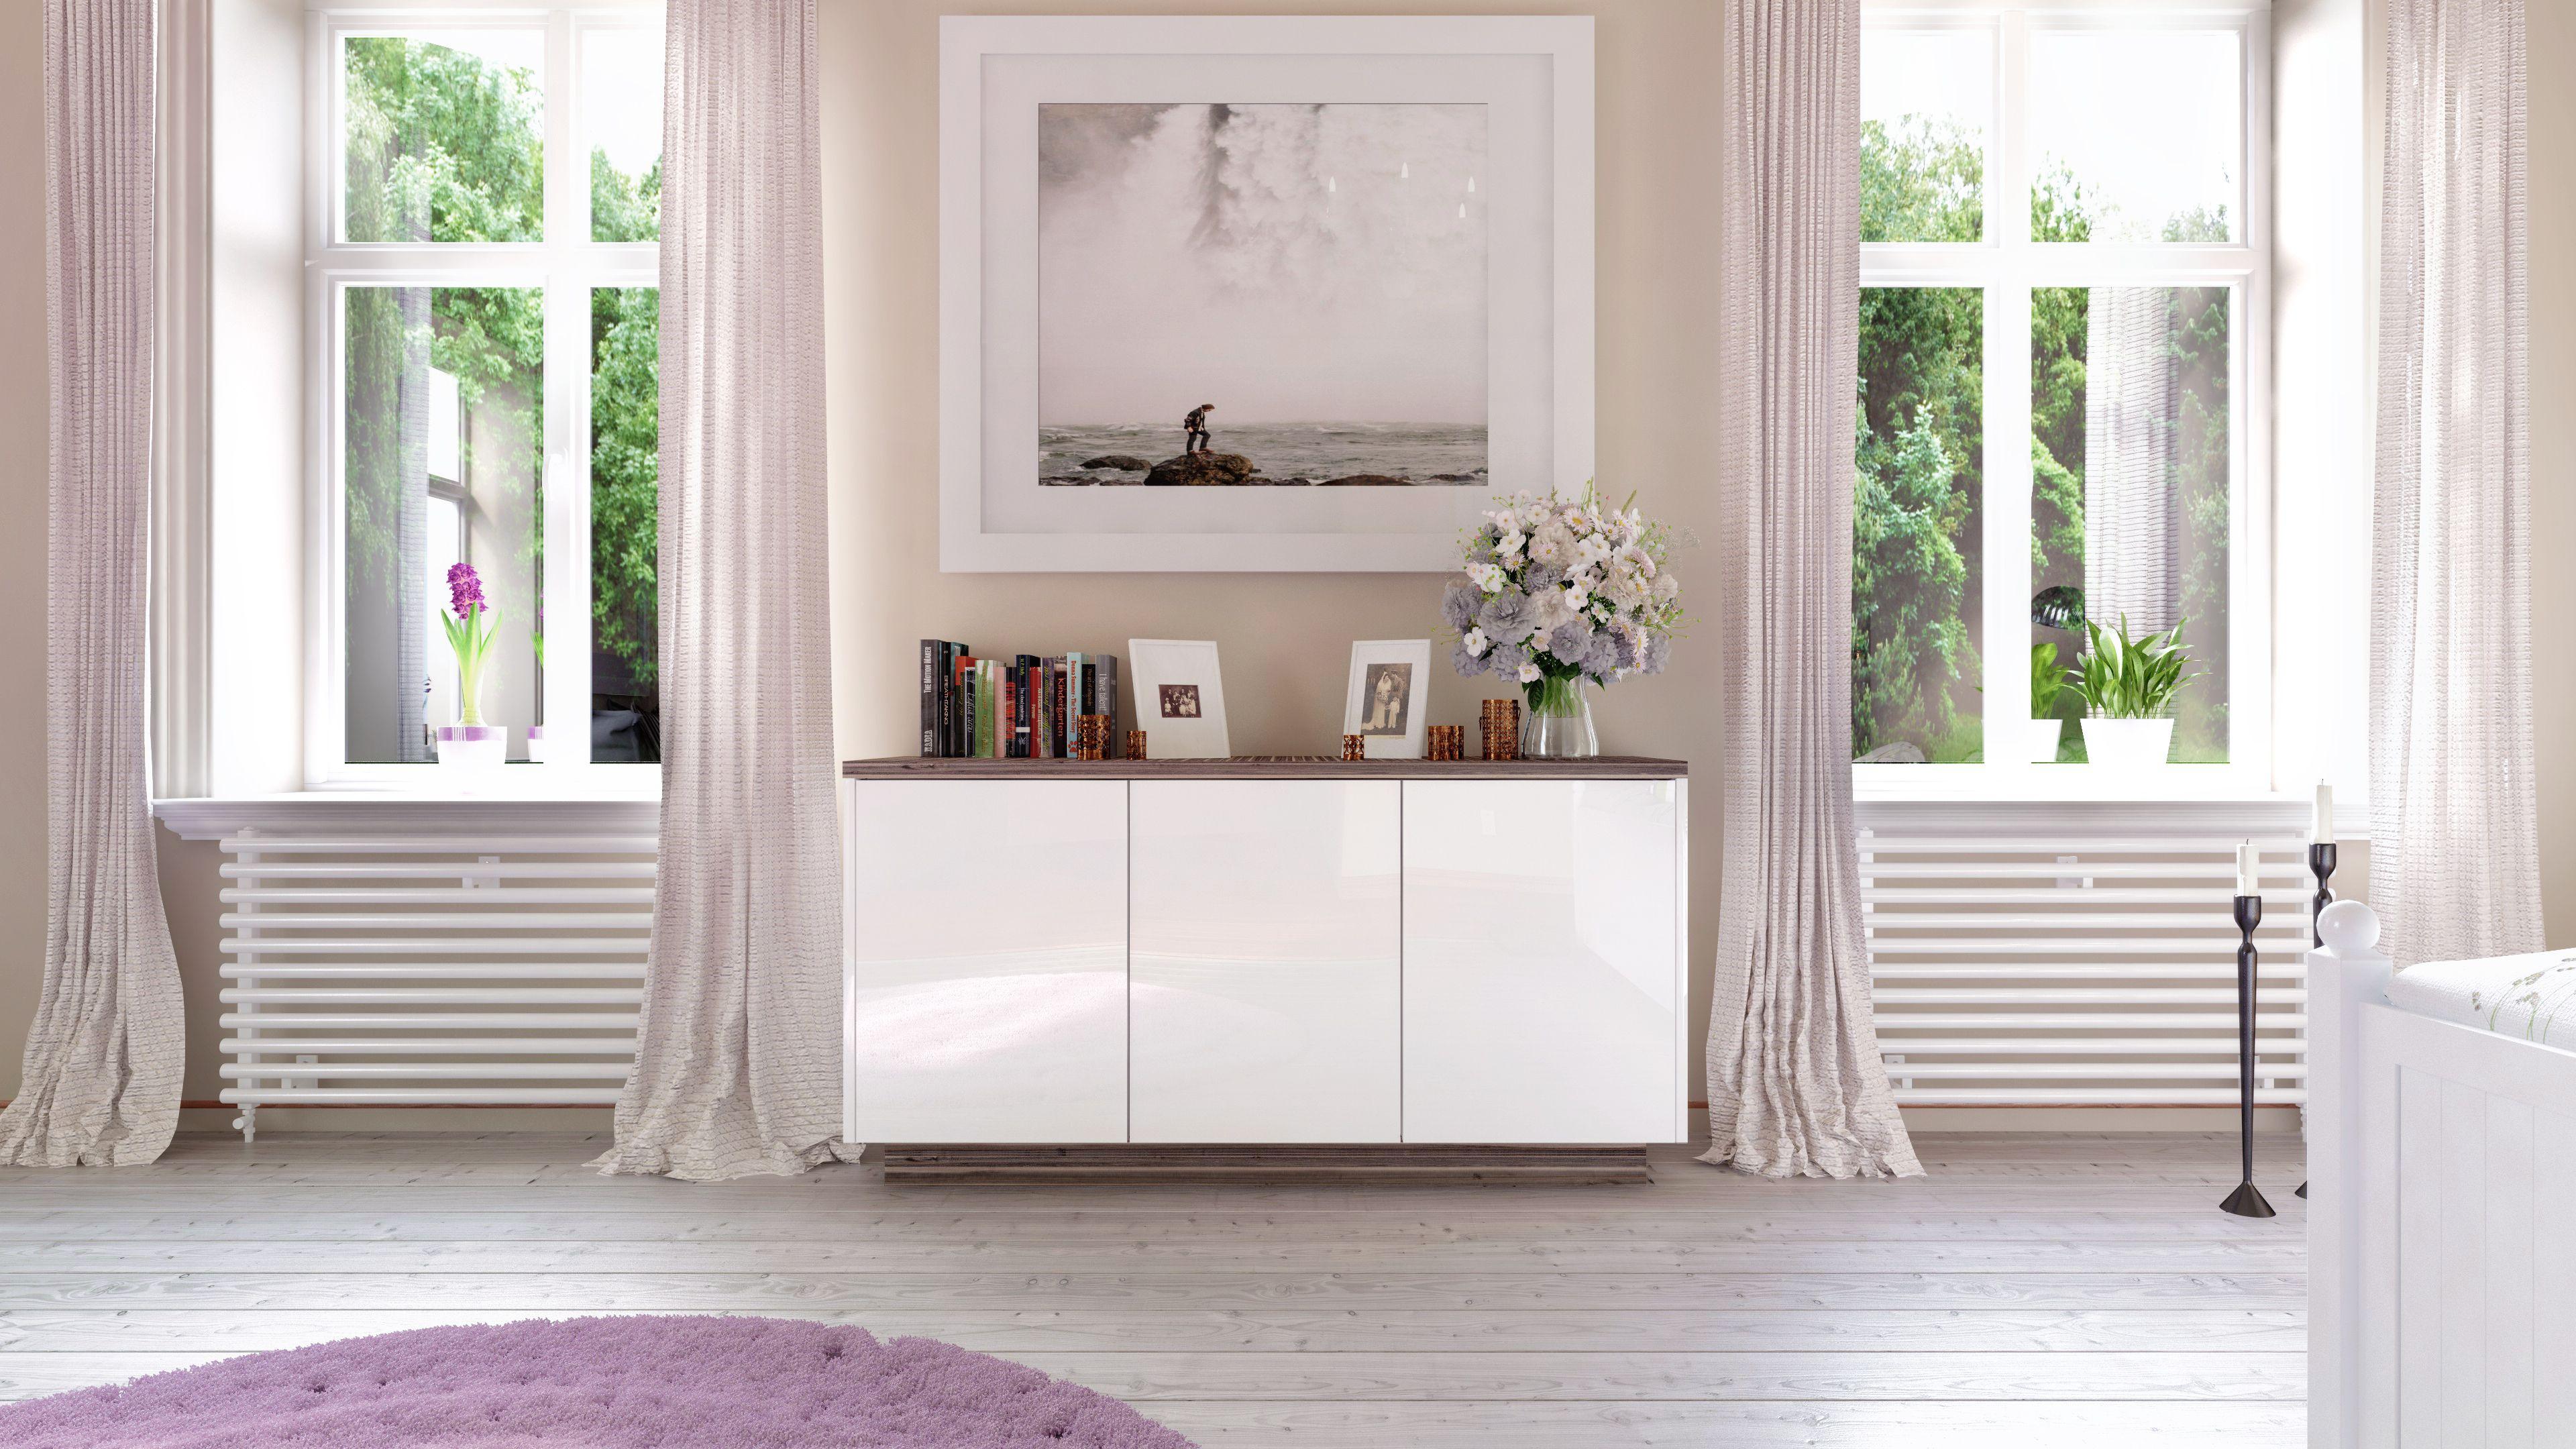 Schlafzimmer Anrichte ~ Das weiße sideboard nach maß von deinschrank.de rundet das